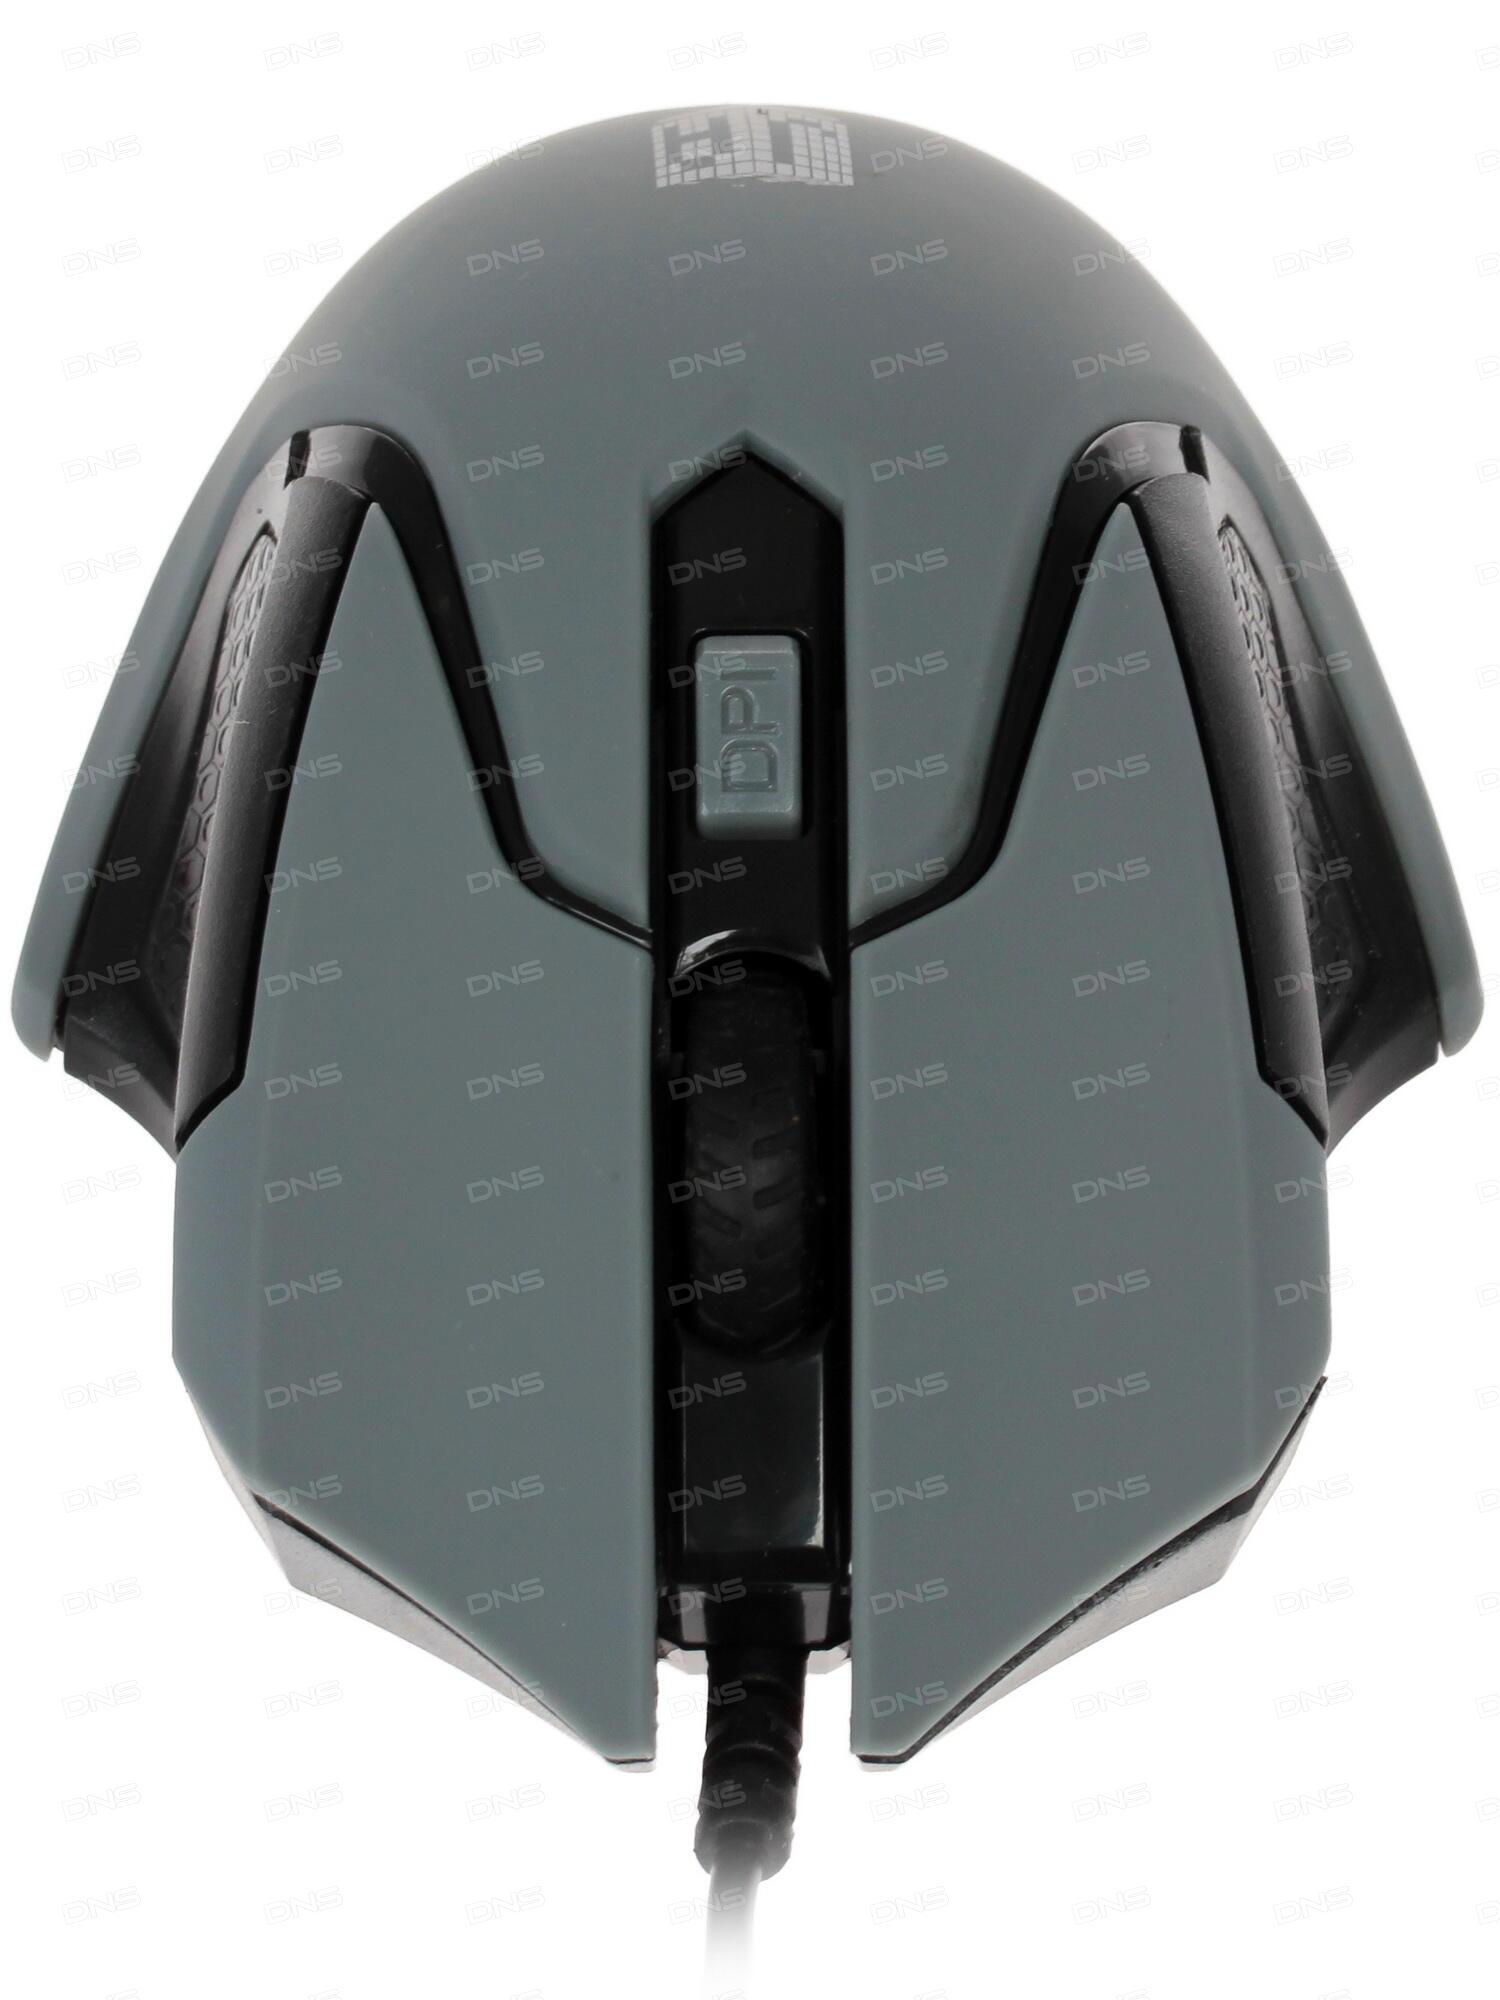 Мышь беспроводная Gembird MUSW-400-B Blue USB оптическая 1600 dpi 3 кнопки + колесо